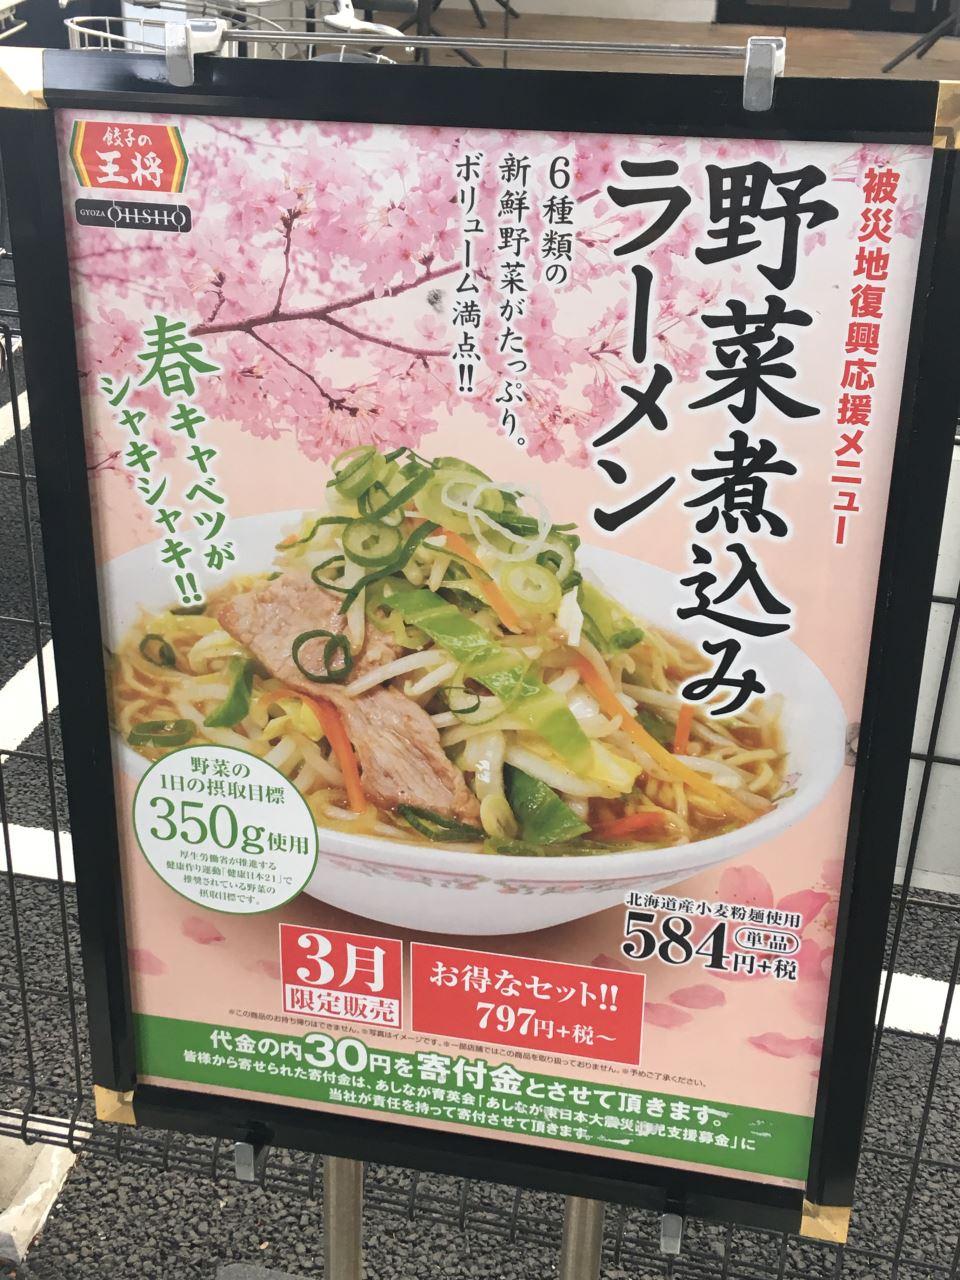 餃子の王将 「野菜煮込みラーメン」の掲示